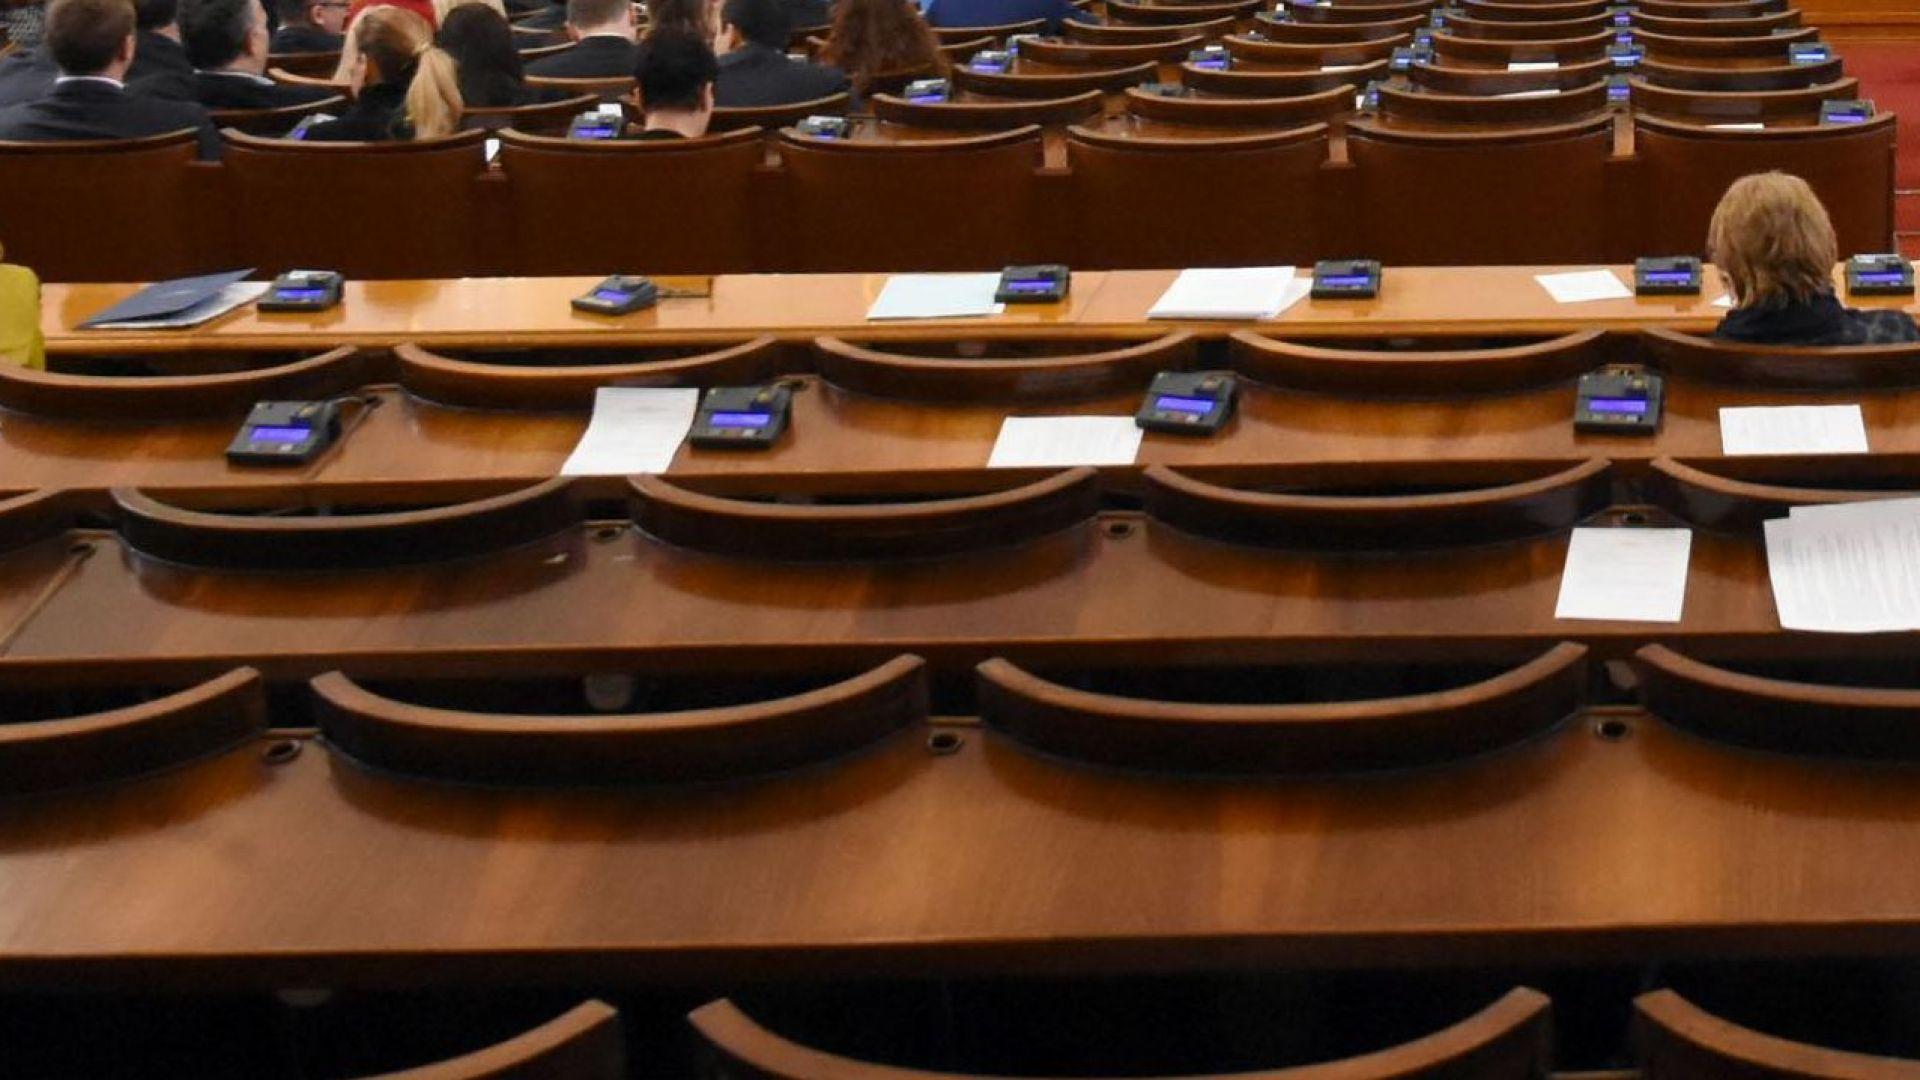 Скандал в парламента: Днес няма да заседава, наказват депутати от БСП и ДПС